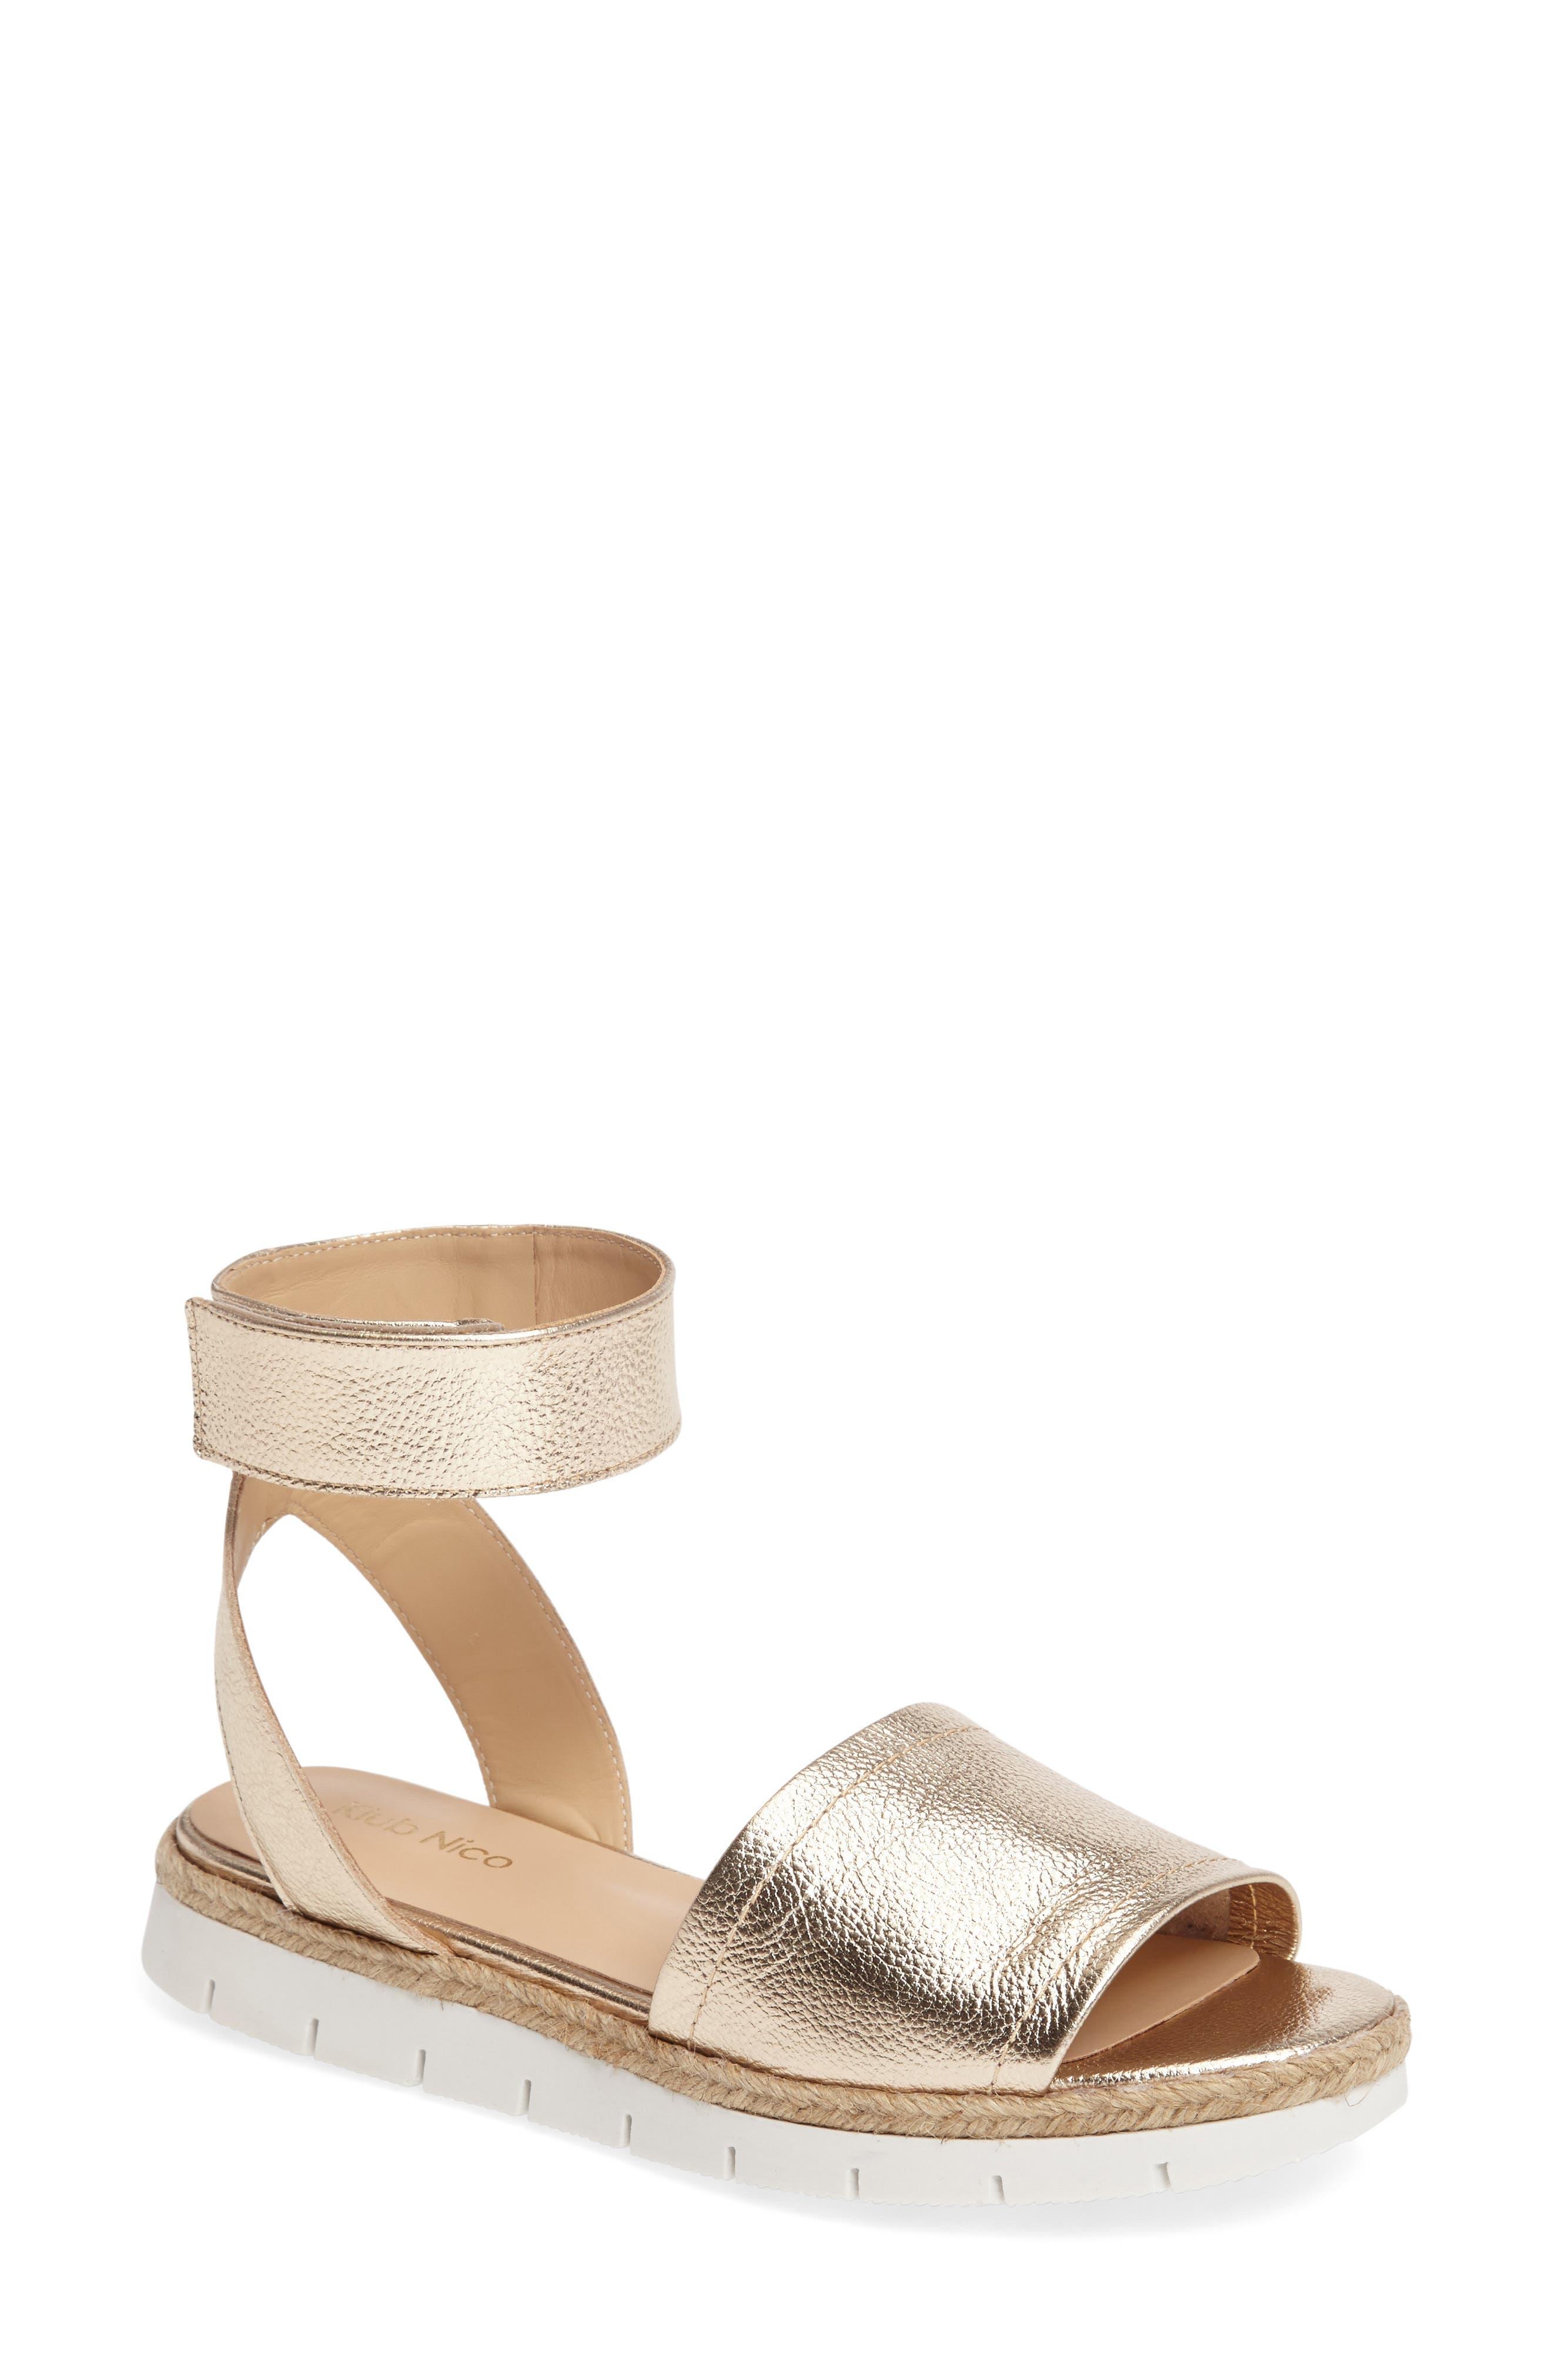 Cleo Platform Sandal,                         Main,                         color, Champagne Leather